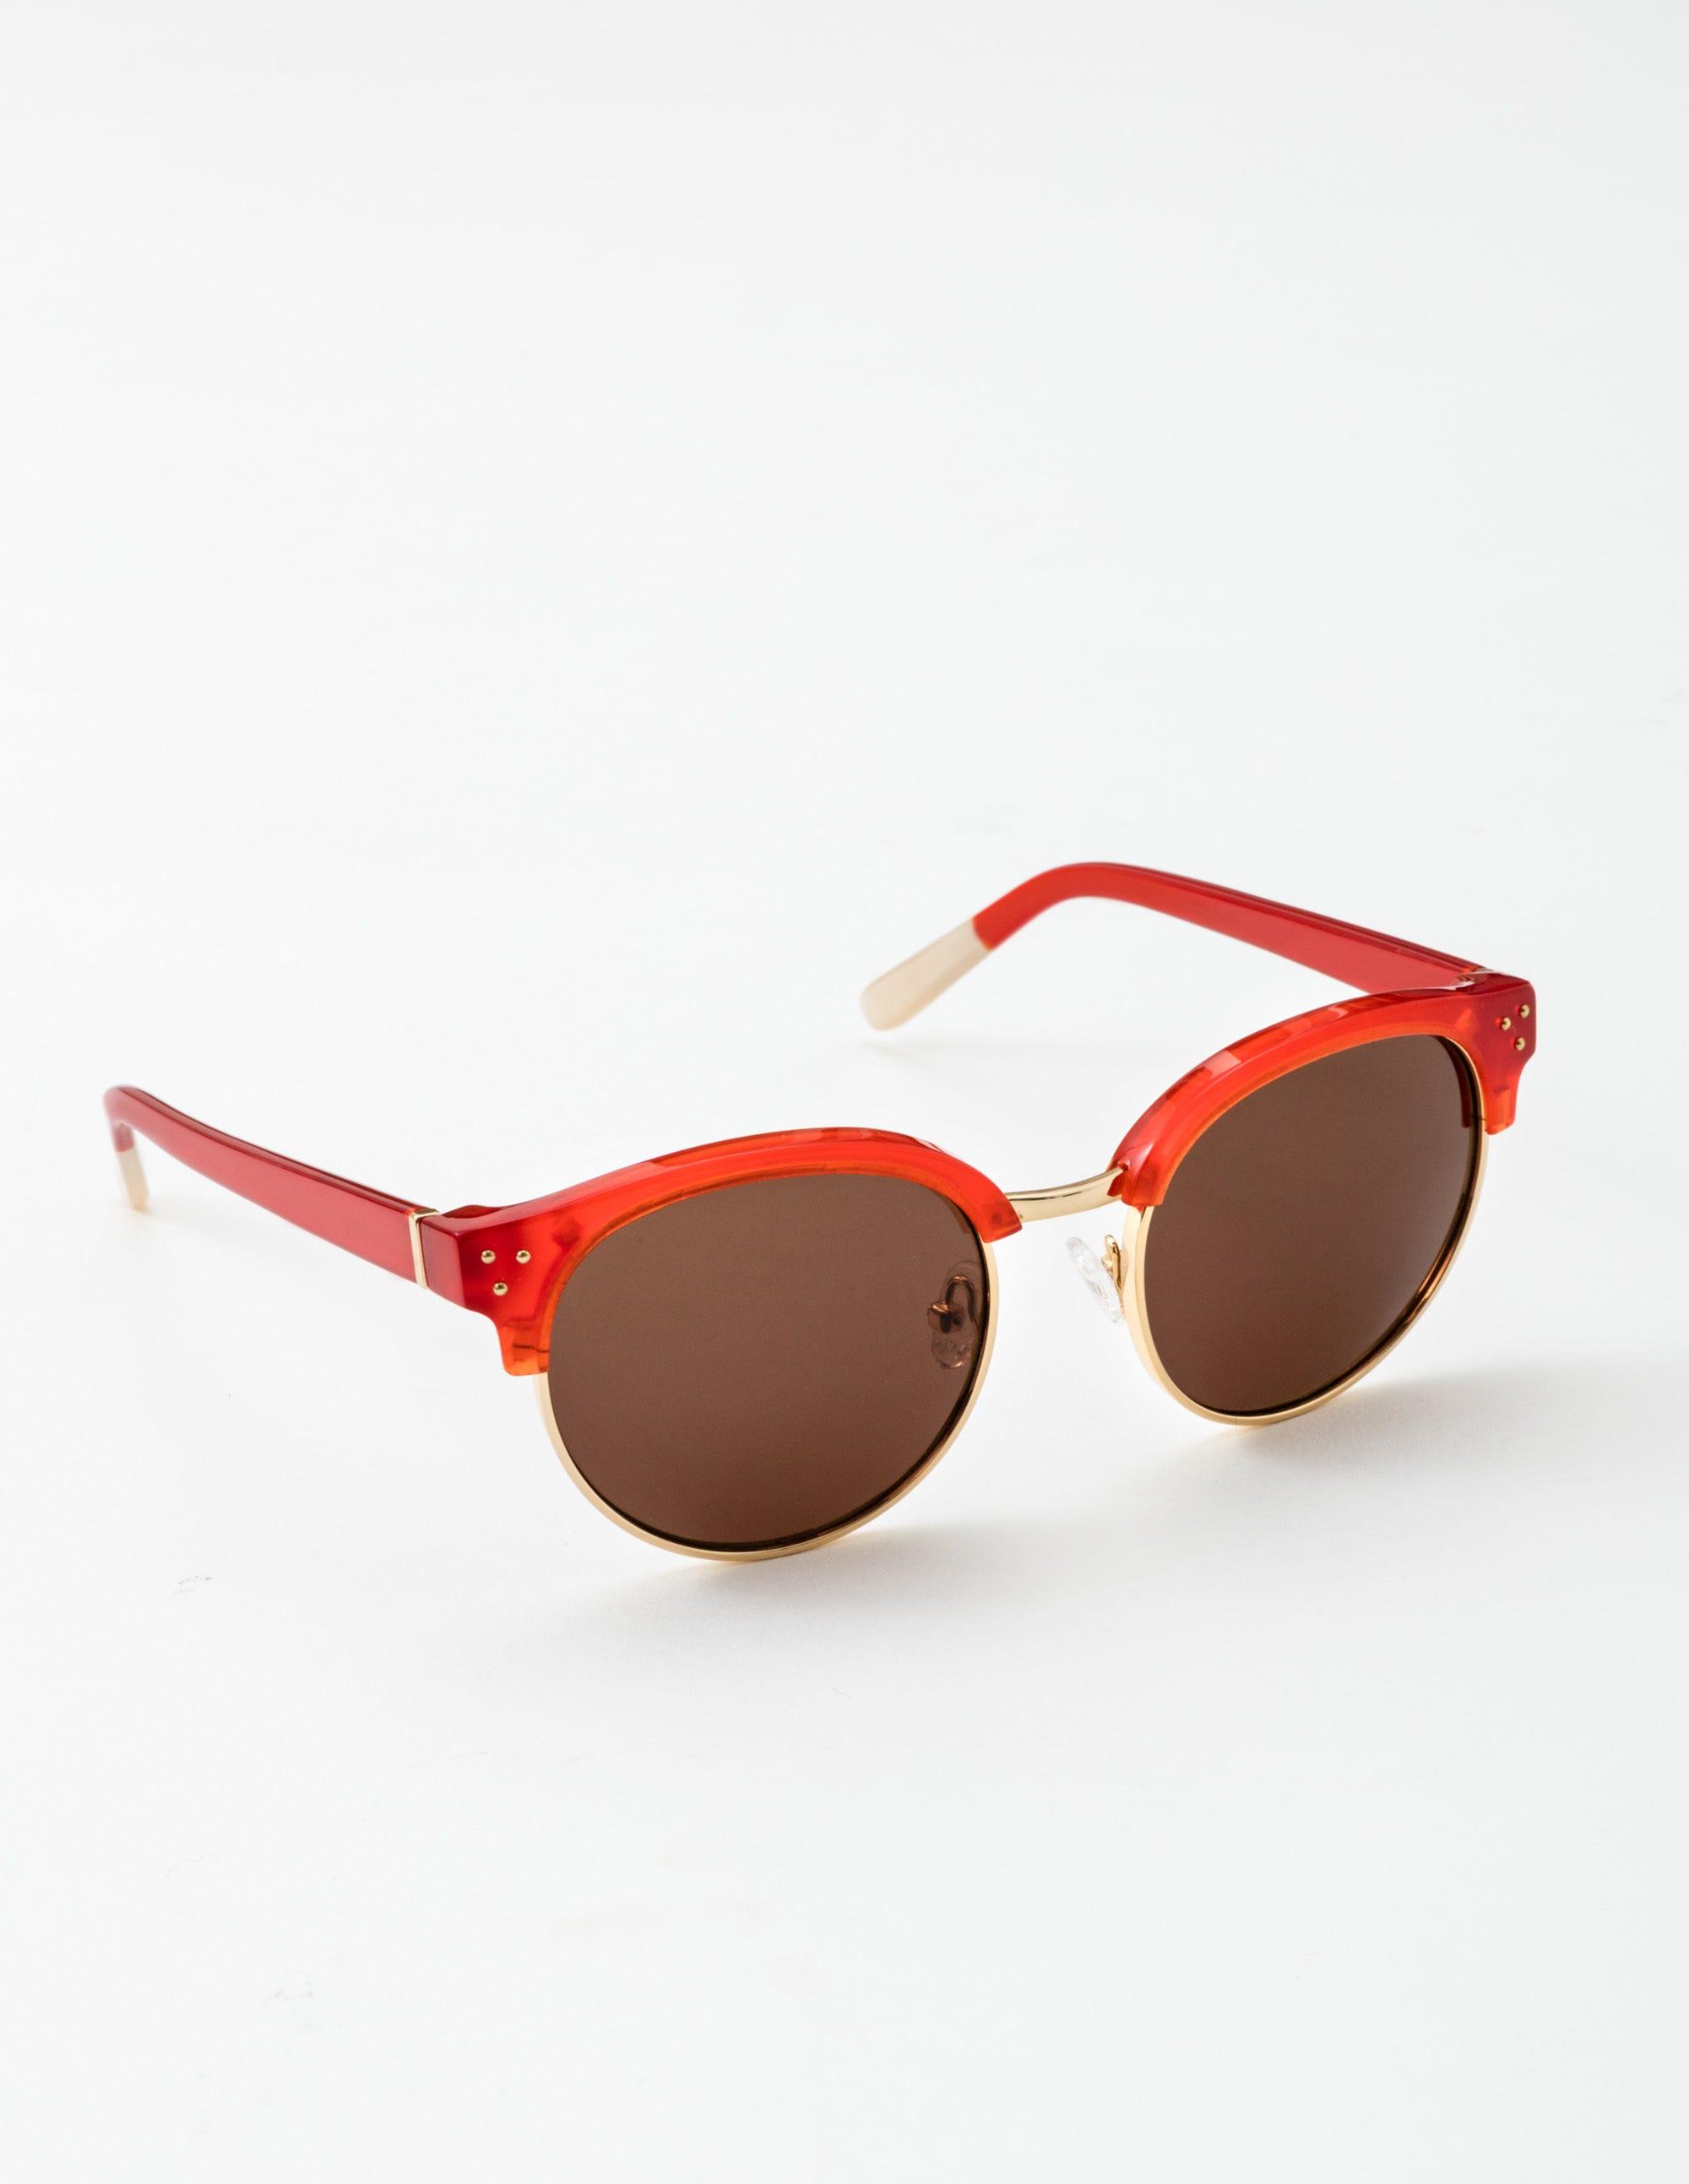 Sonnenbrille baby preisvergleich die besten angebote for Mode boden versand